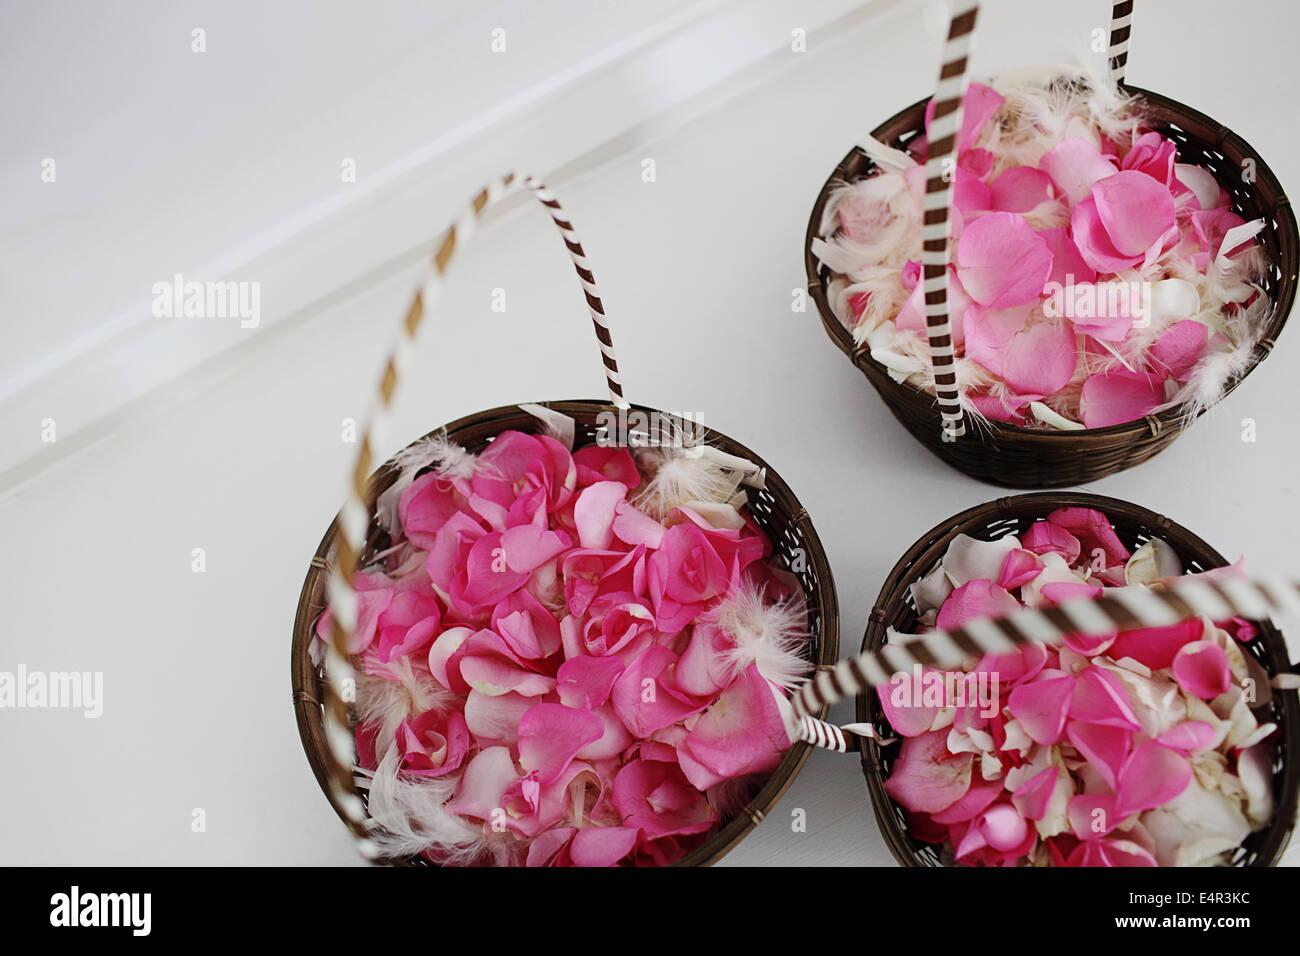 Baskets Of Rose Petals Stock Photos & Baskets Of Rose Petals Stock ...